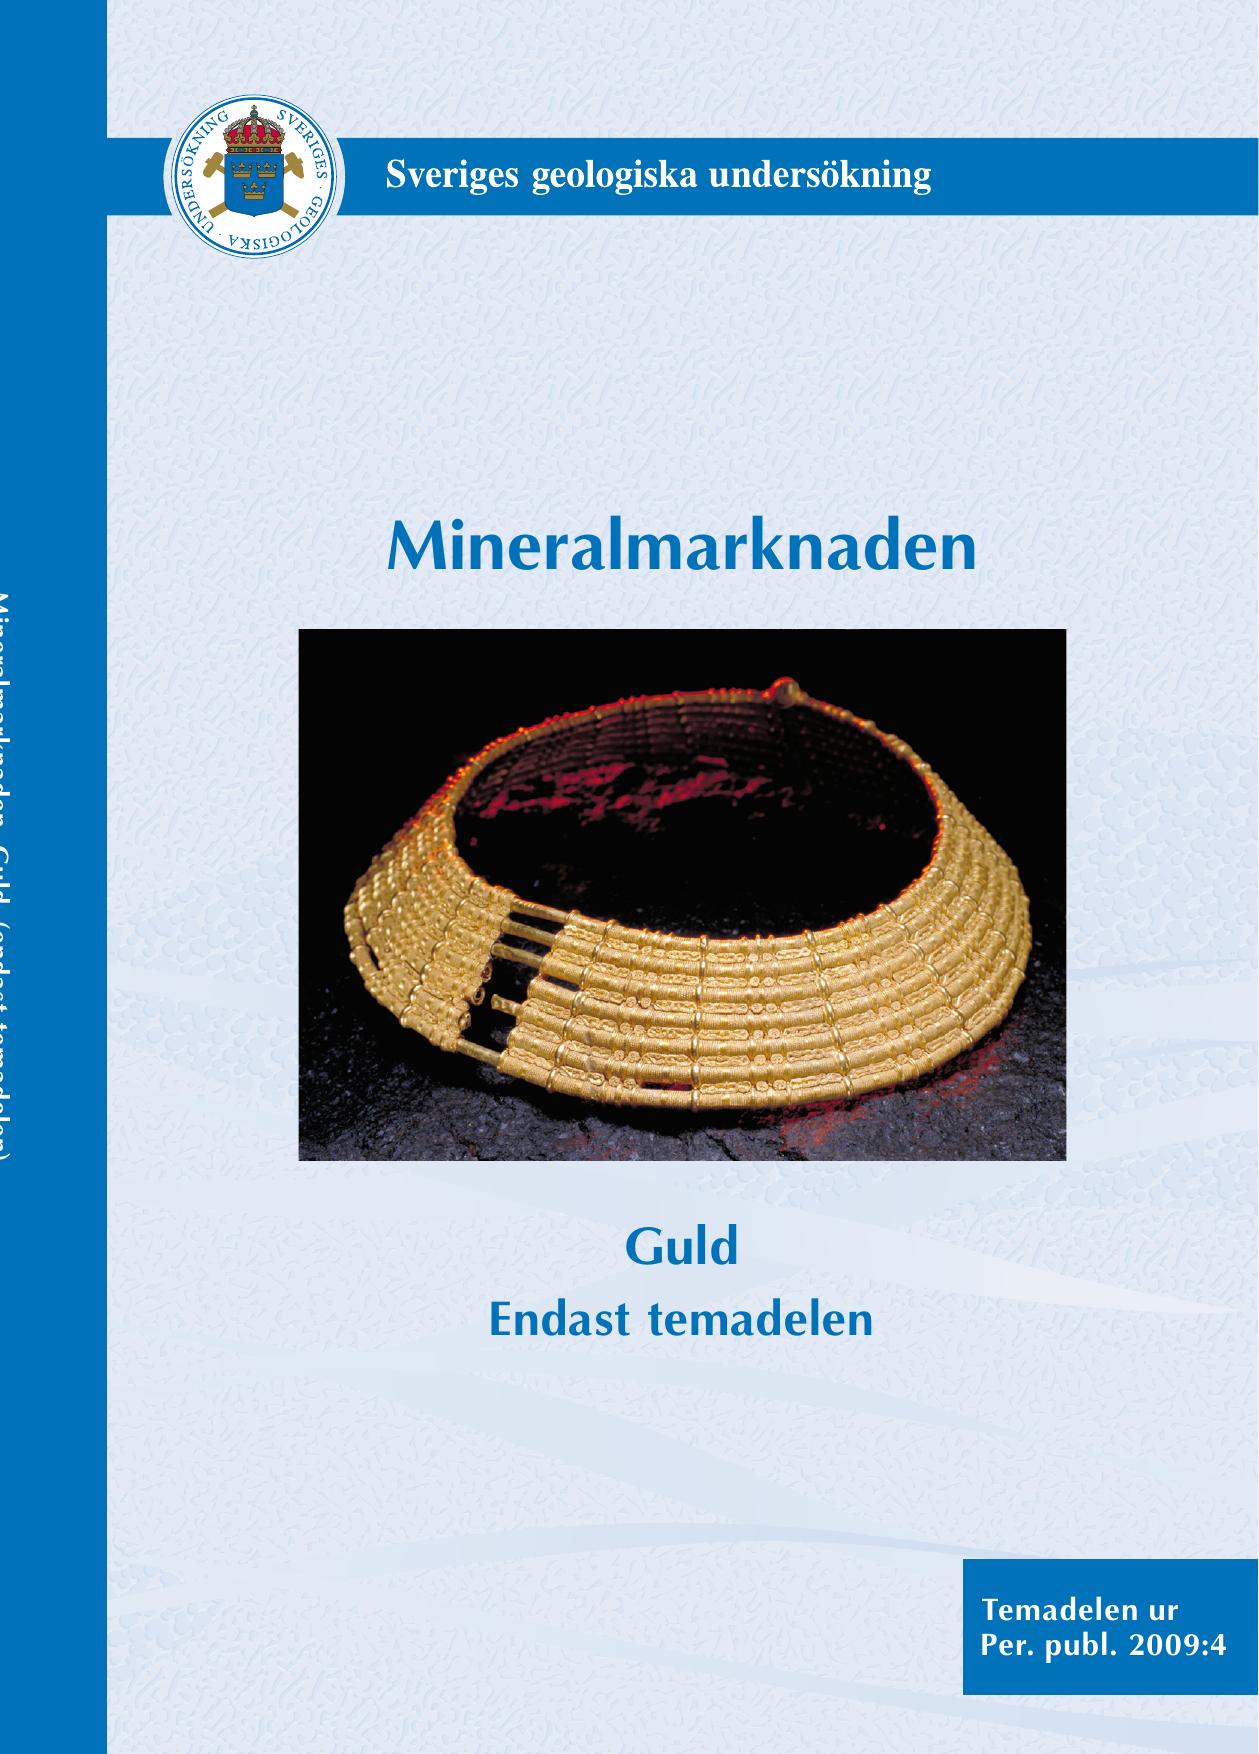 Smycken av silver guld och datorskrot